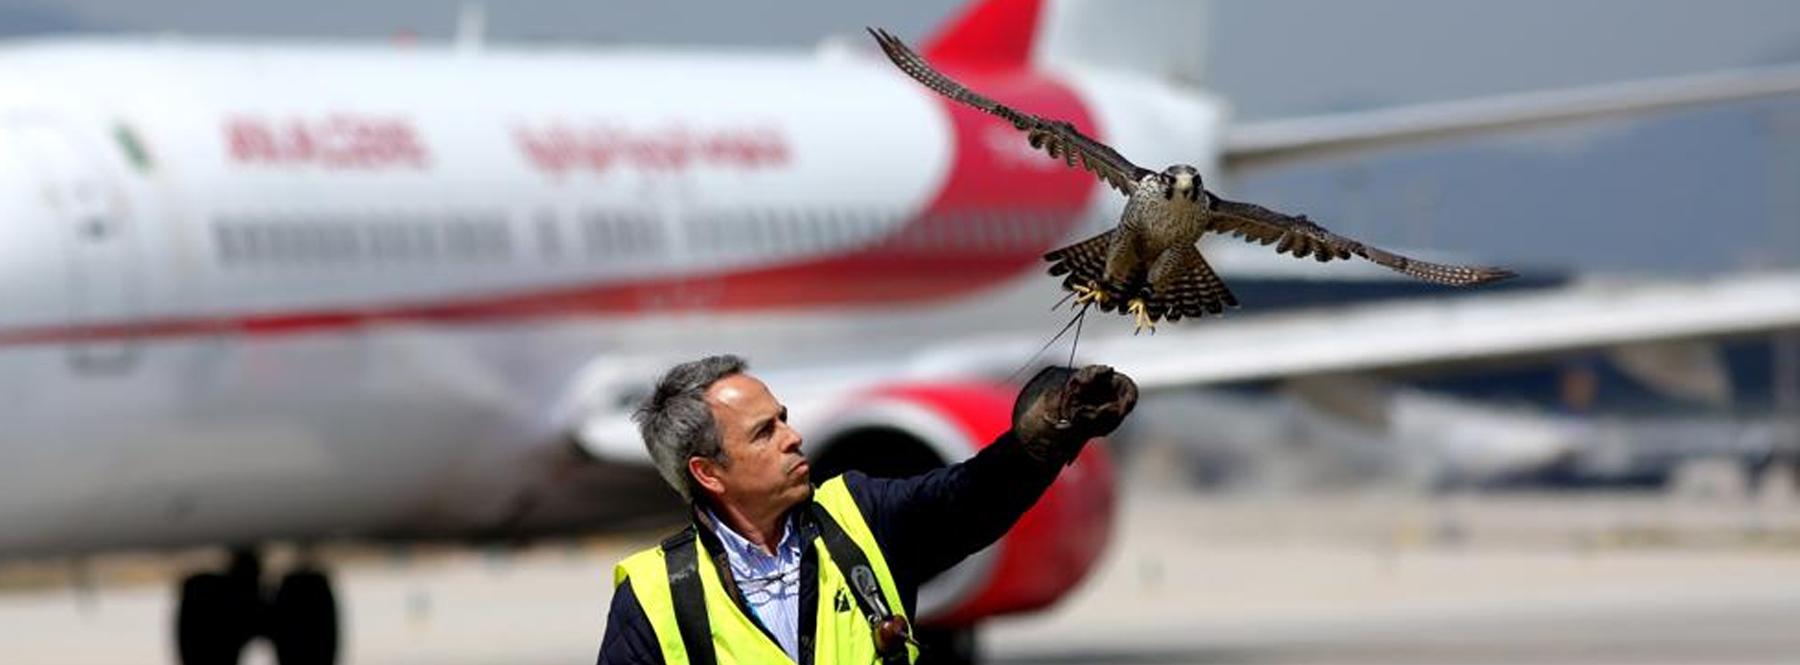 Vigilantes-con-plumas